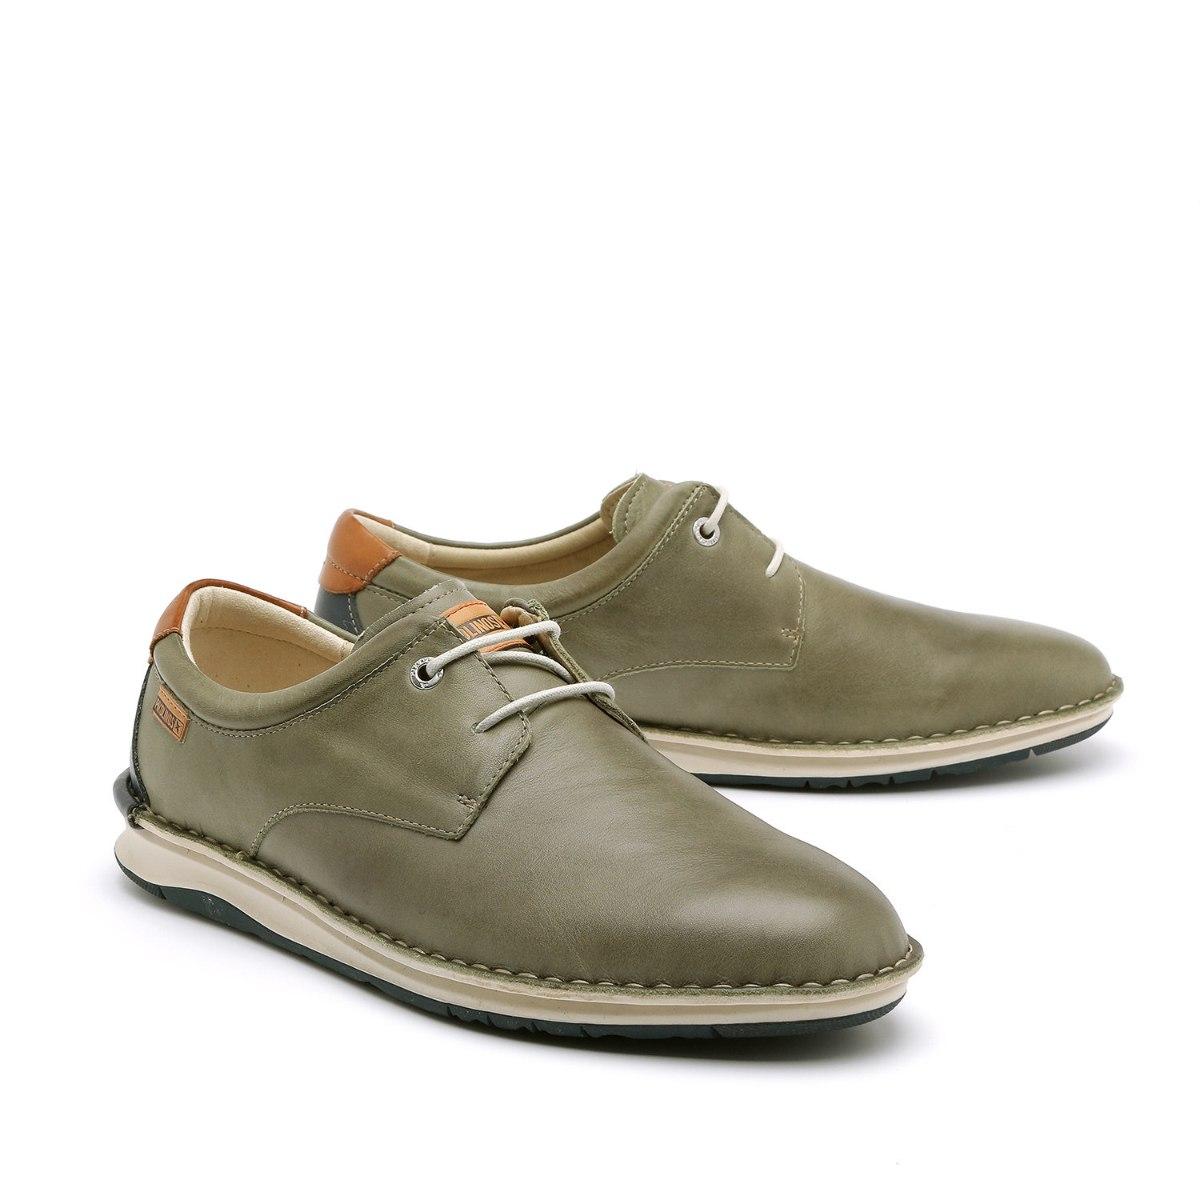 נעל שרוך לגבר מעור נפה רך וסוליה גמישה של המותג הספרדי PIKOLINOS